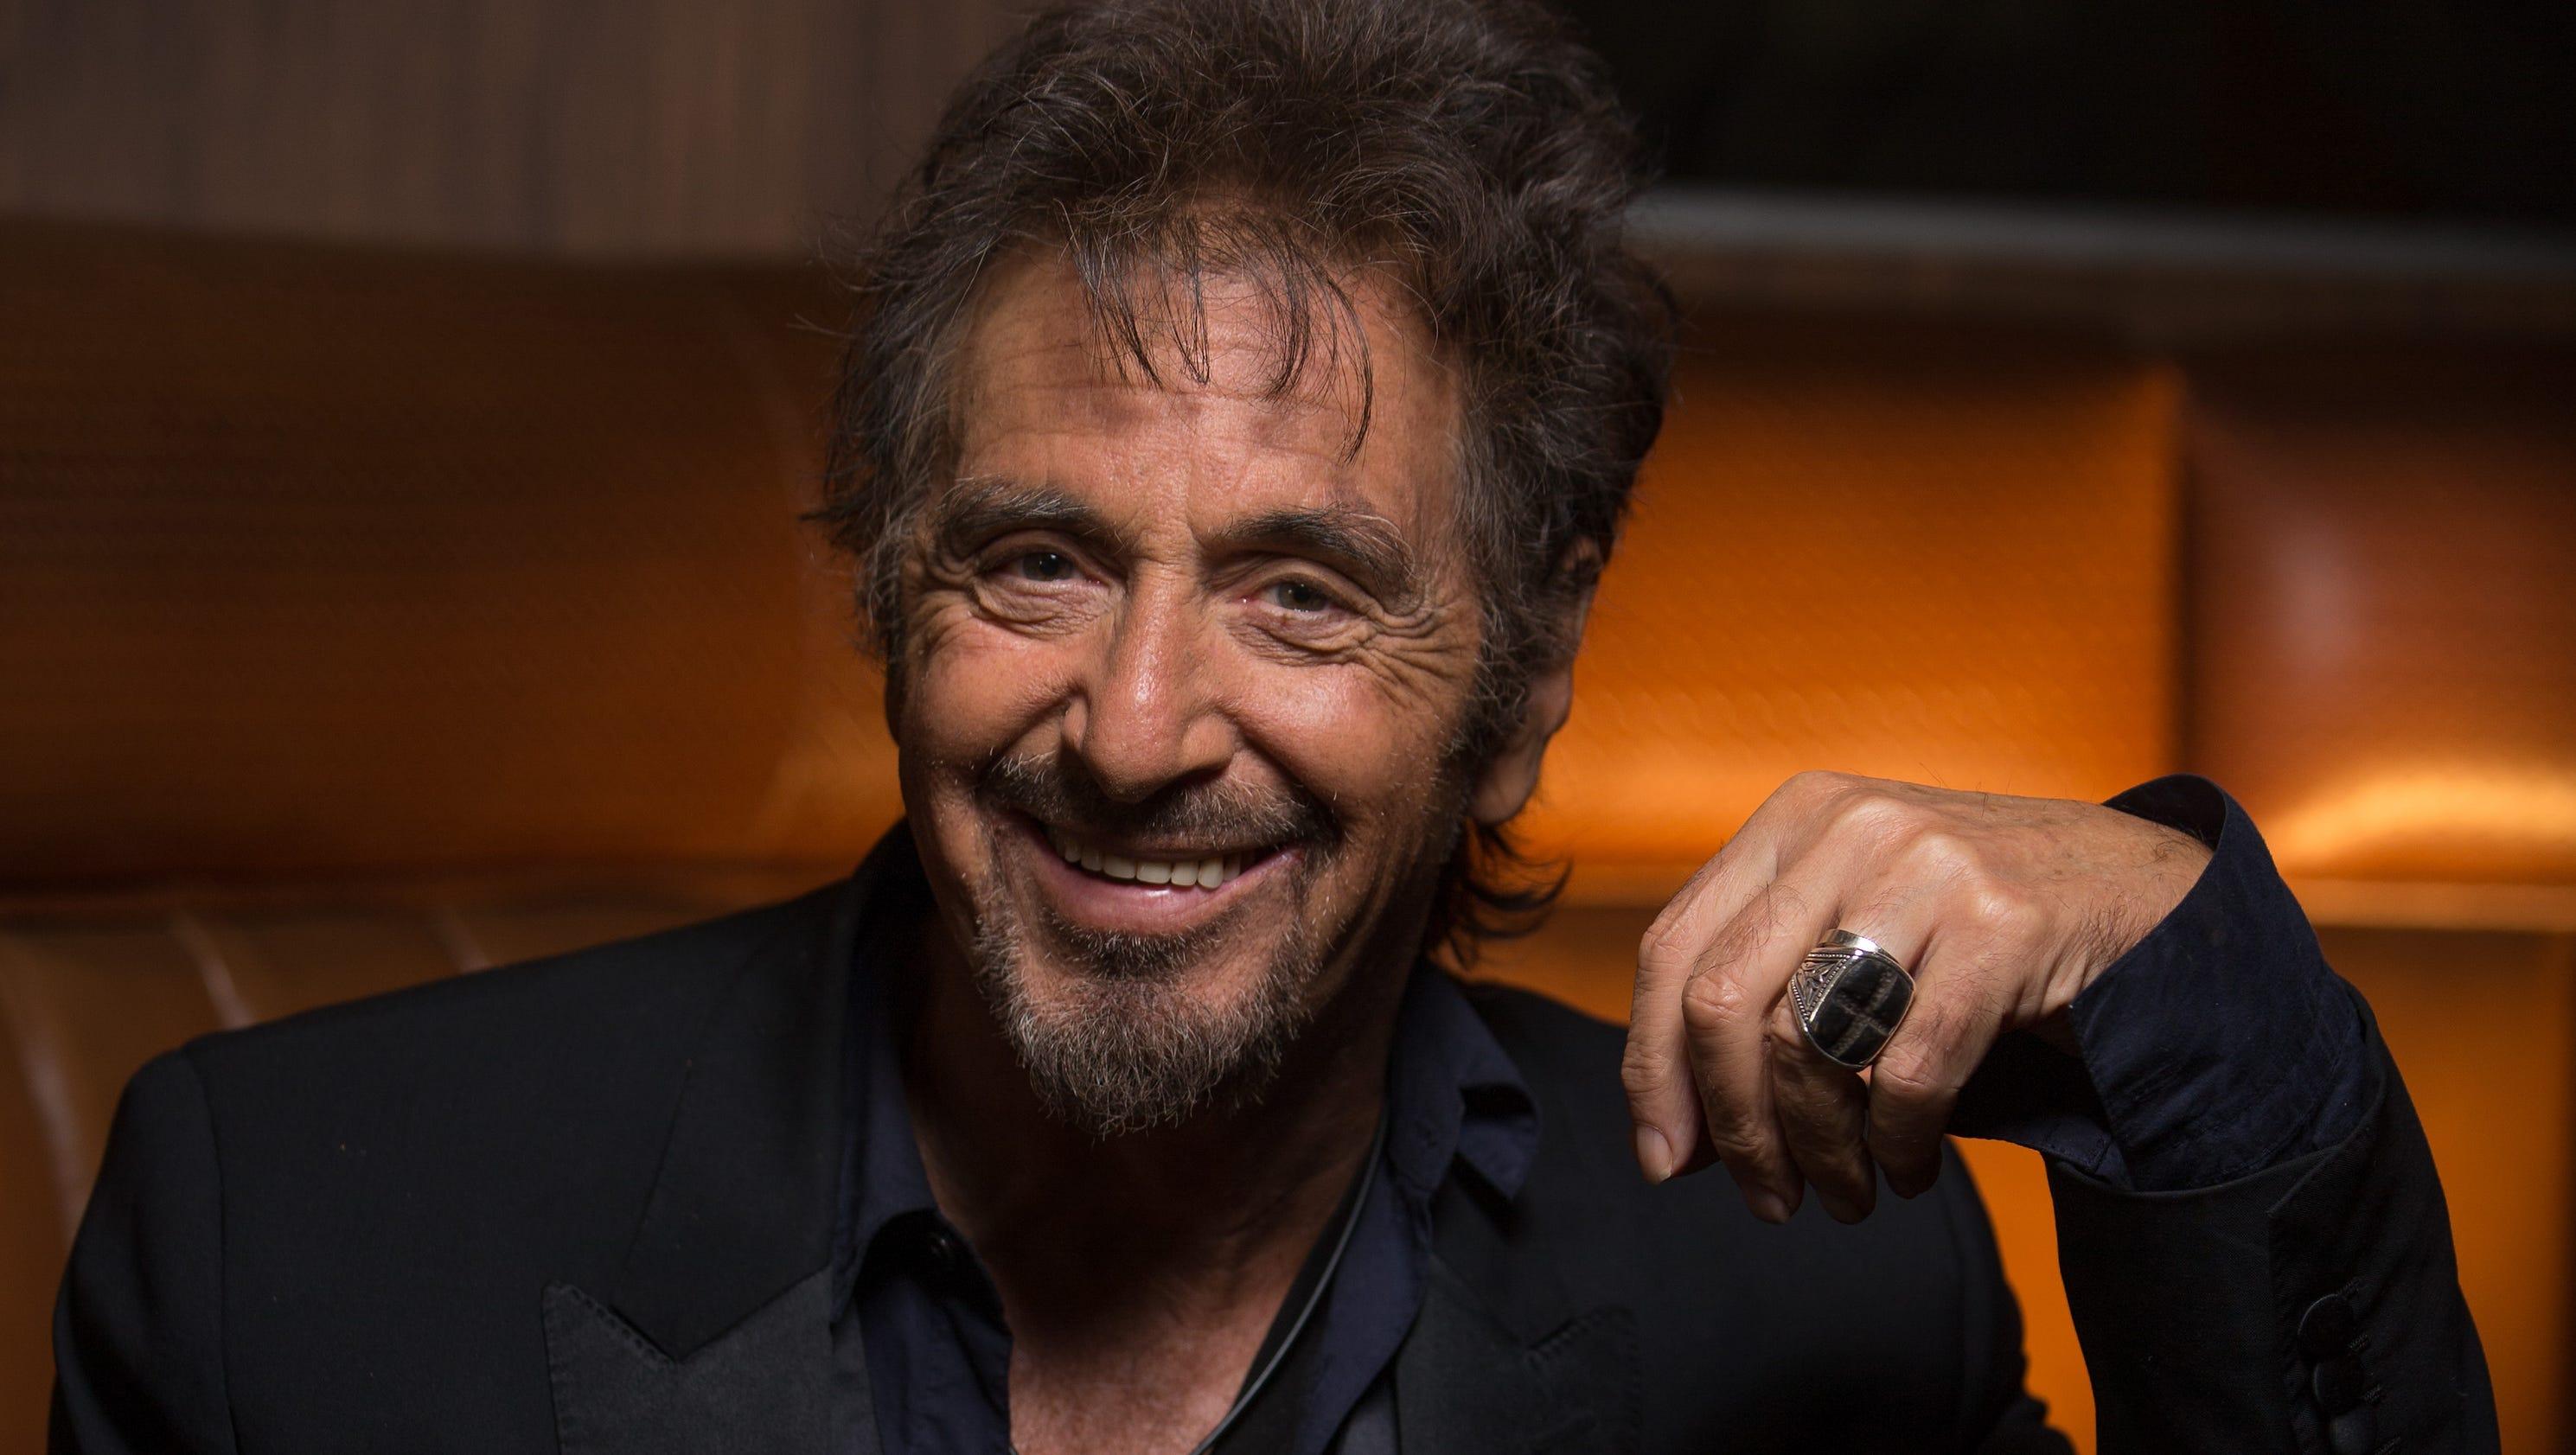 Al Pacino Brings Rock-star Status To 'Danny